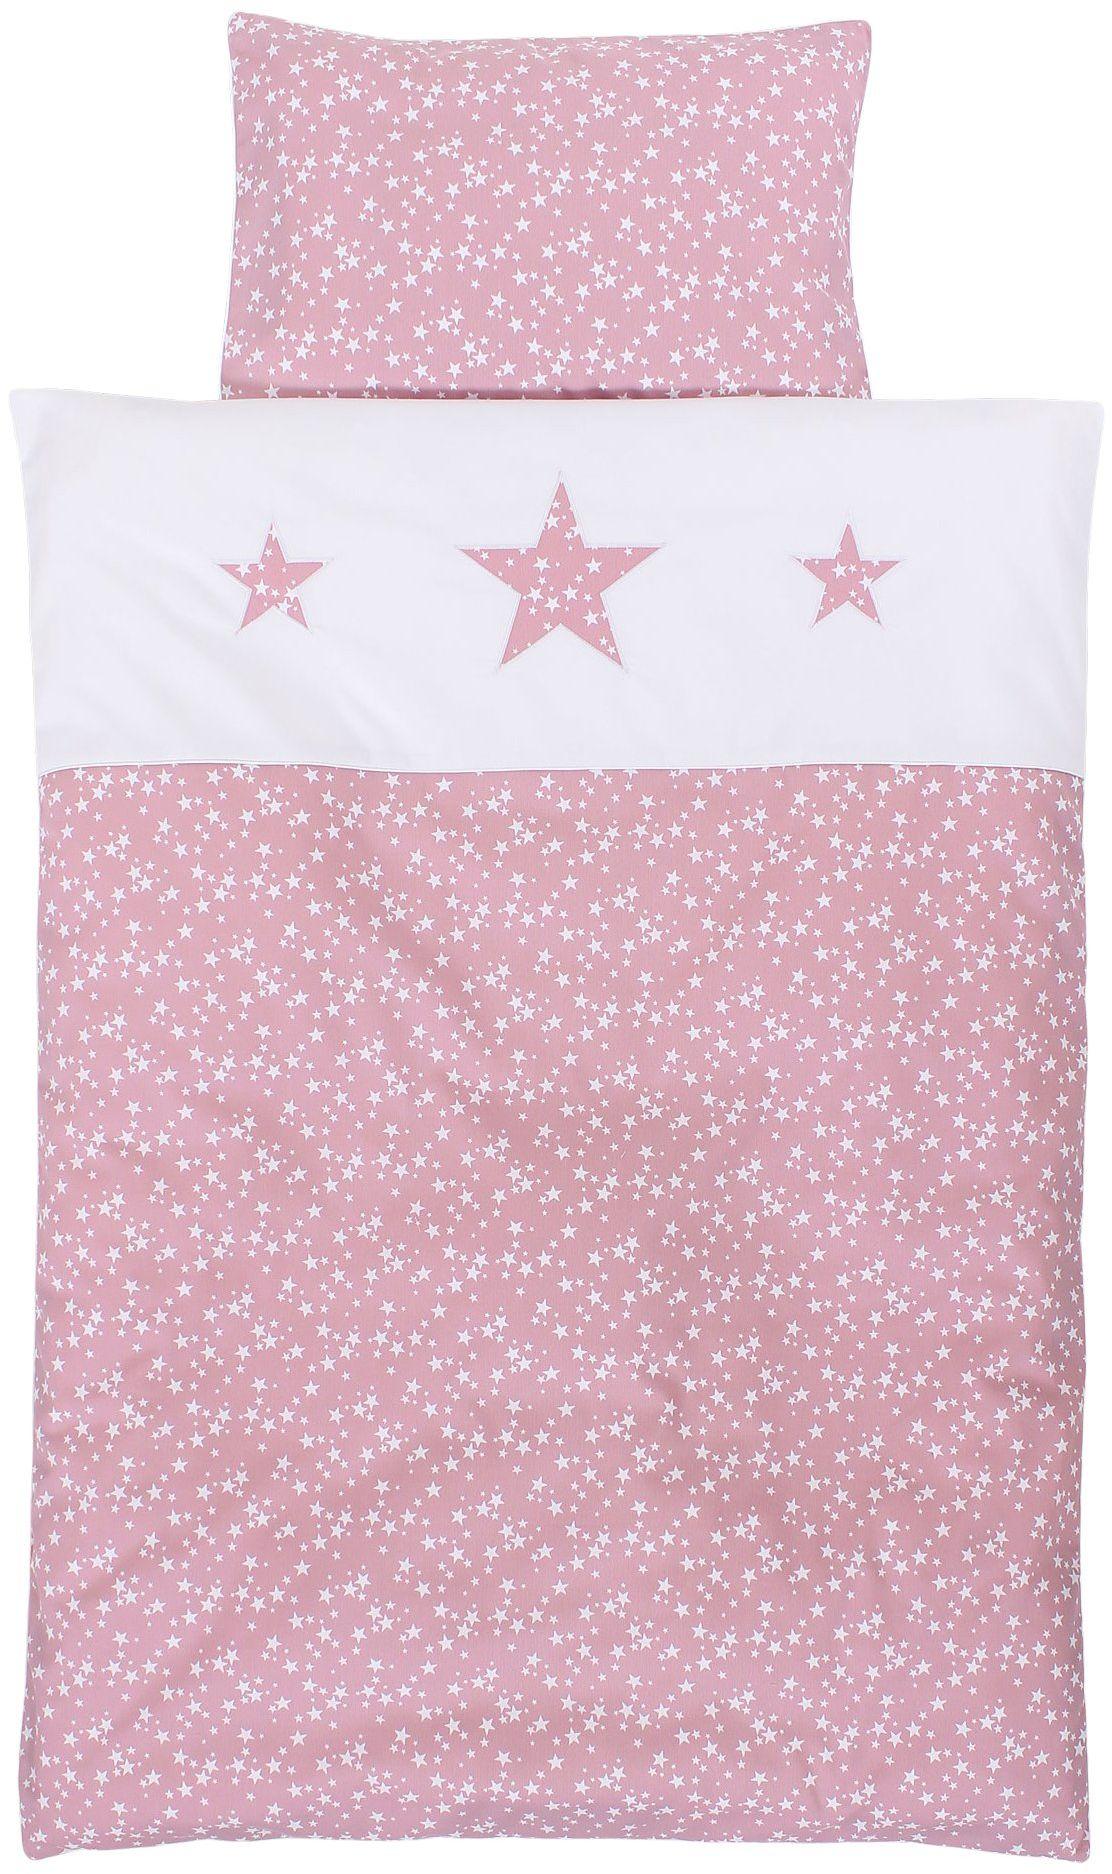 Babybay Piqué pościel do łóżeczka dziecięcego, jagody gwiazd, biała, wielokolorowe, jeden rozmiar